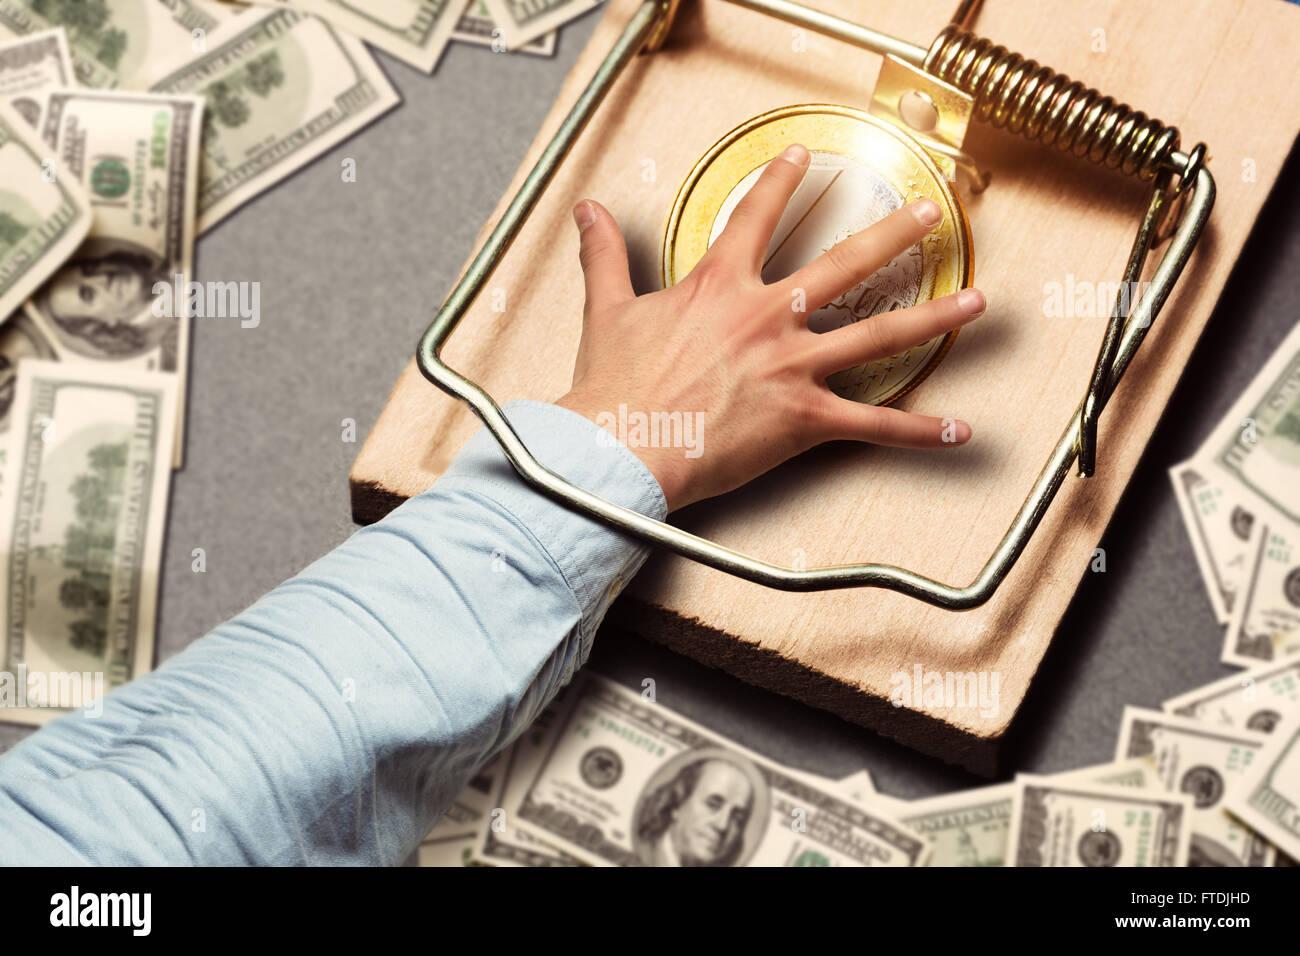 Homme cueillette à la main une pièce d'or Photo Stock